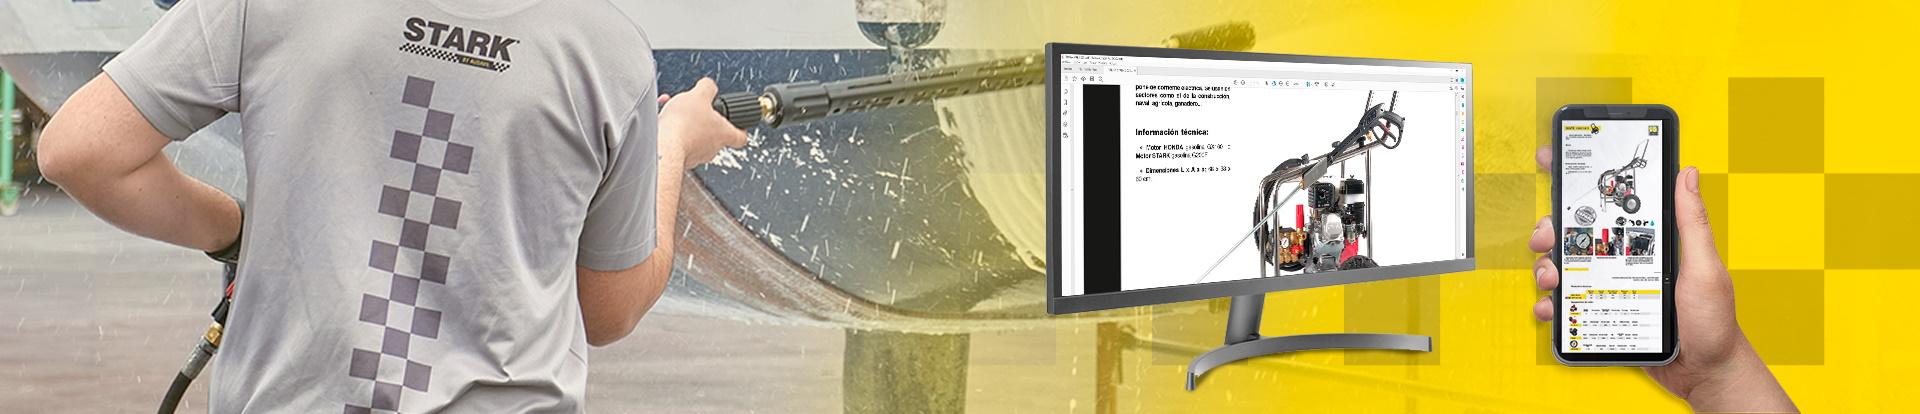 Descarga el catálogo de Stark by Ausavil es una marca perteneciente al Grupo Ausavil especializada en el diseño, fabricación y venta de equipos de limpieza y agua a presión de alta calidad.